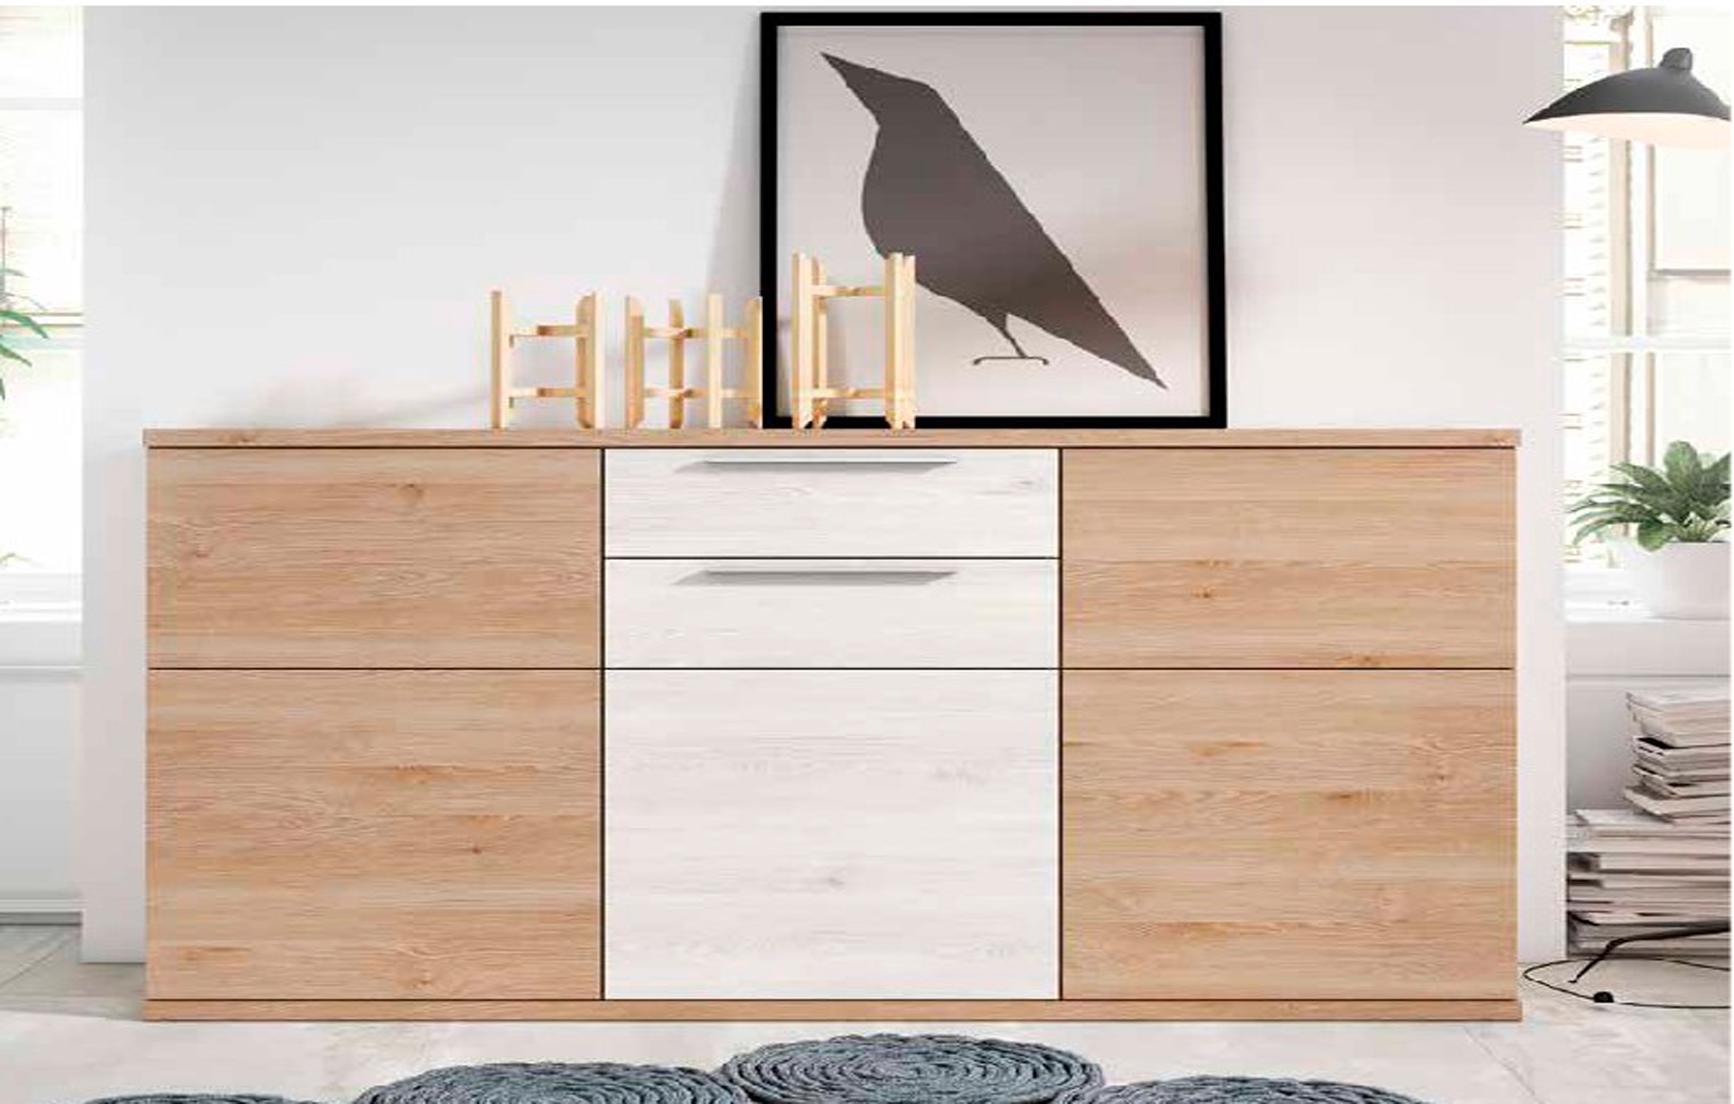 Aparador Pino Dan S Y Blanco Nordic Muebles Adama Tienda De  # Muebles Todo Pino